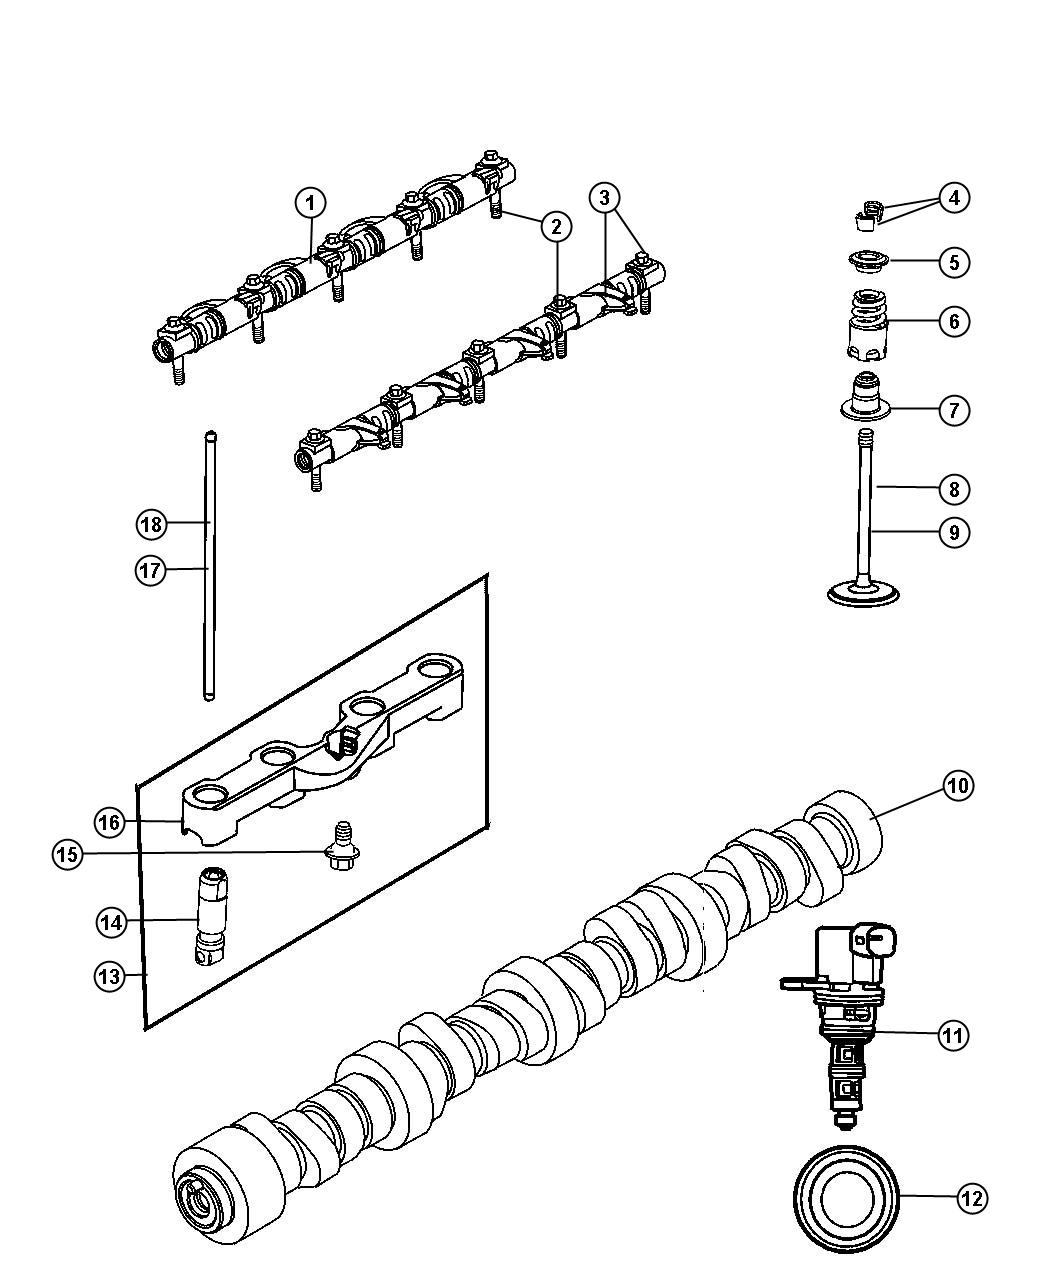 Chrysler Aspen Camshaft Engine